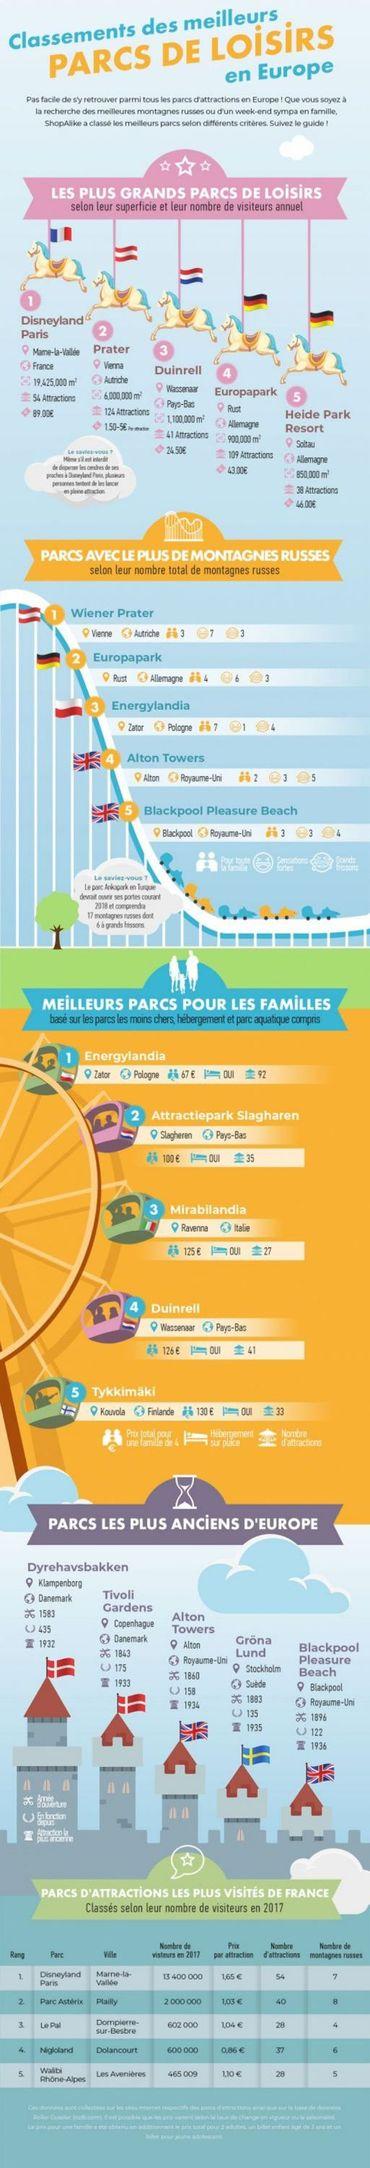 Le classement ultime des parcs d'attractions et de loisirs